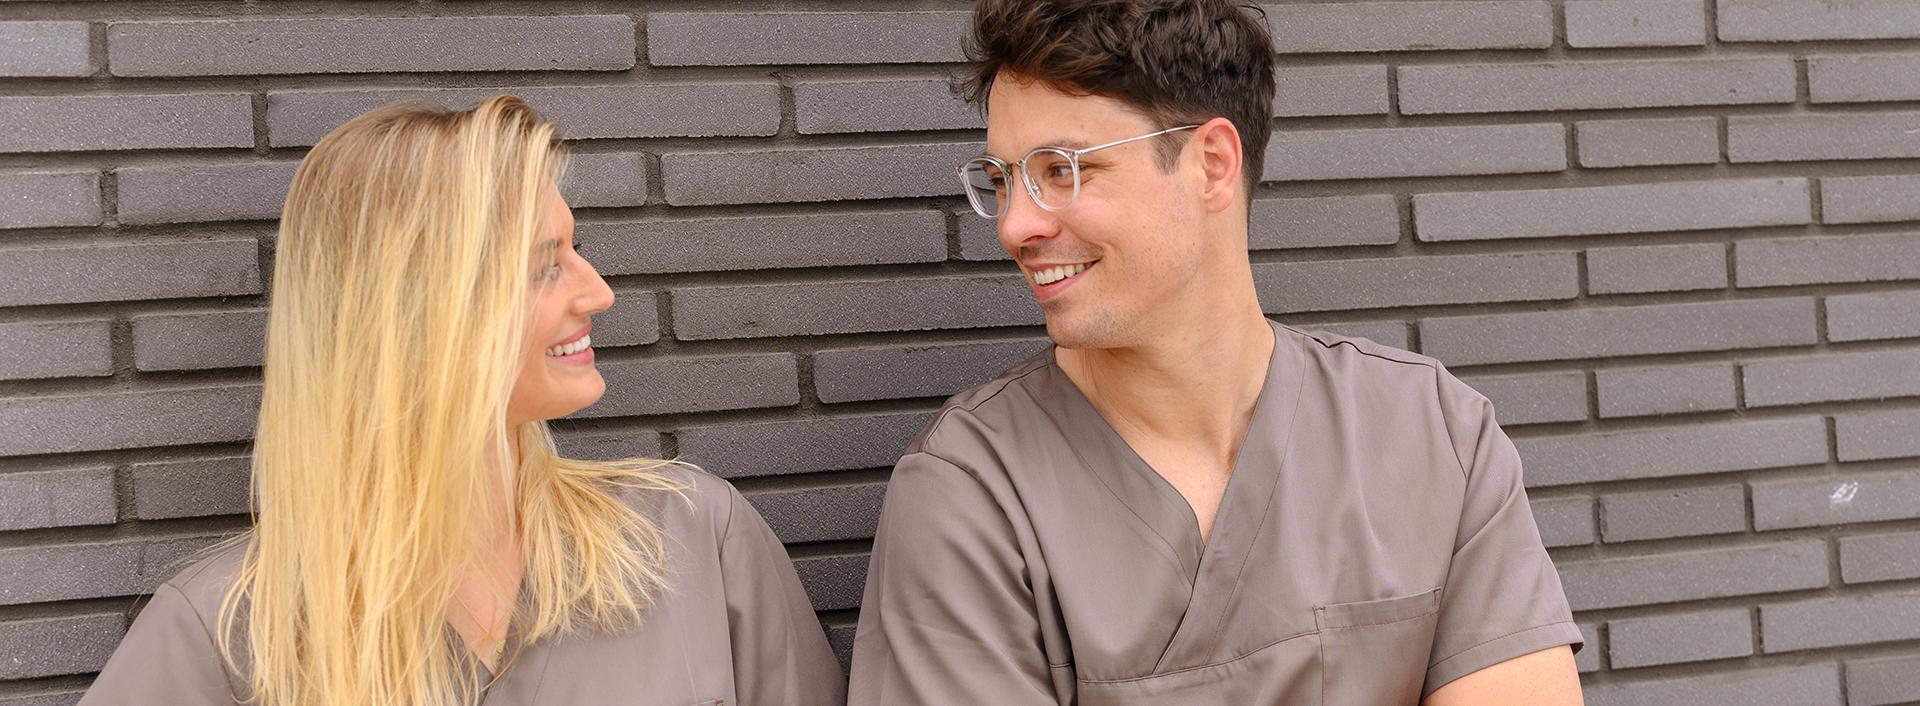 Dr. Antonia Herrmann und Dr. Sebastijan Mormer lächeln und schauen sich an